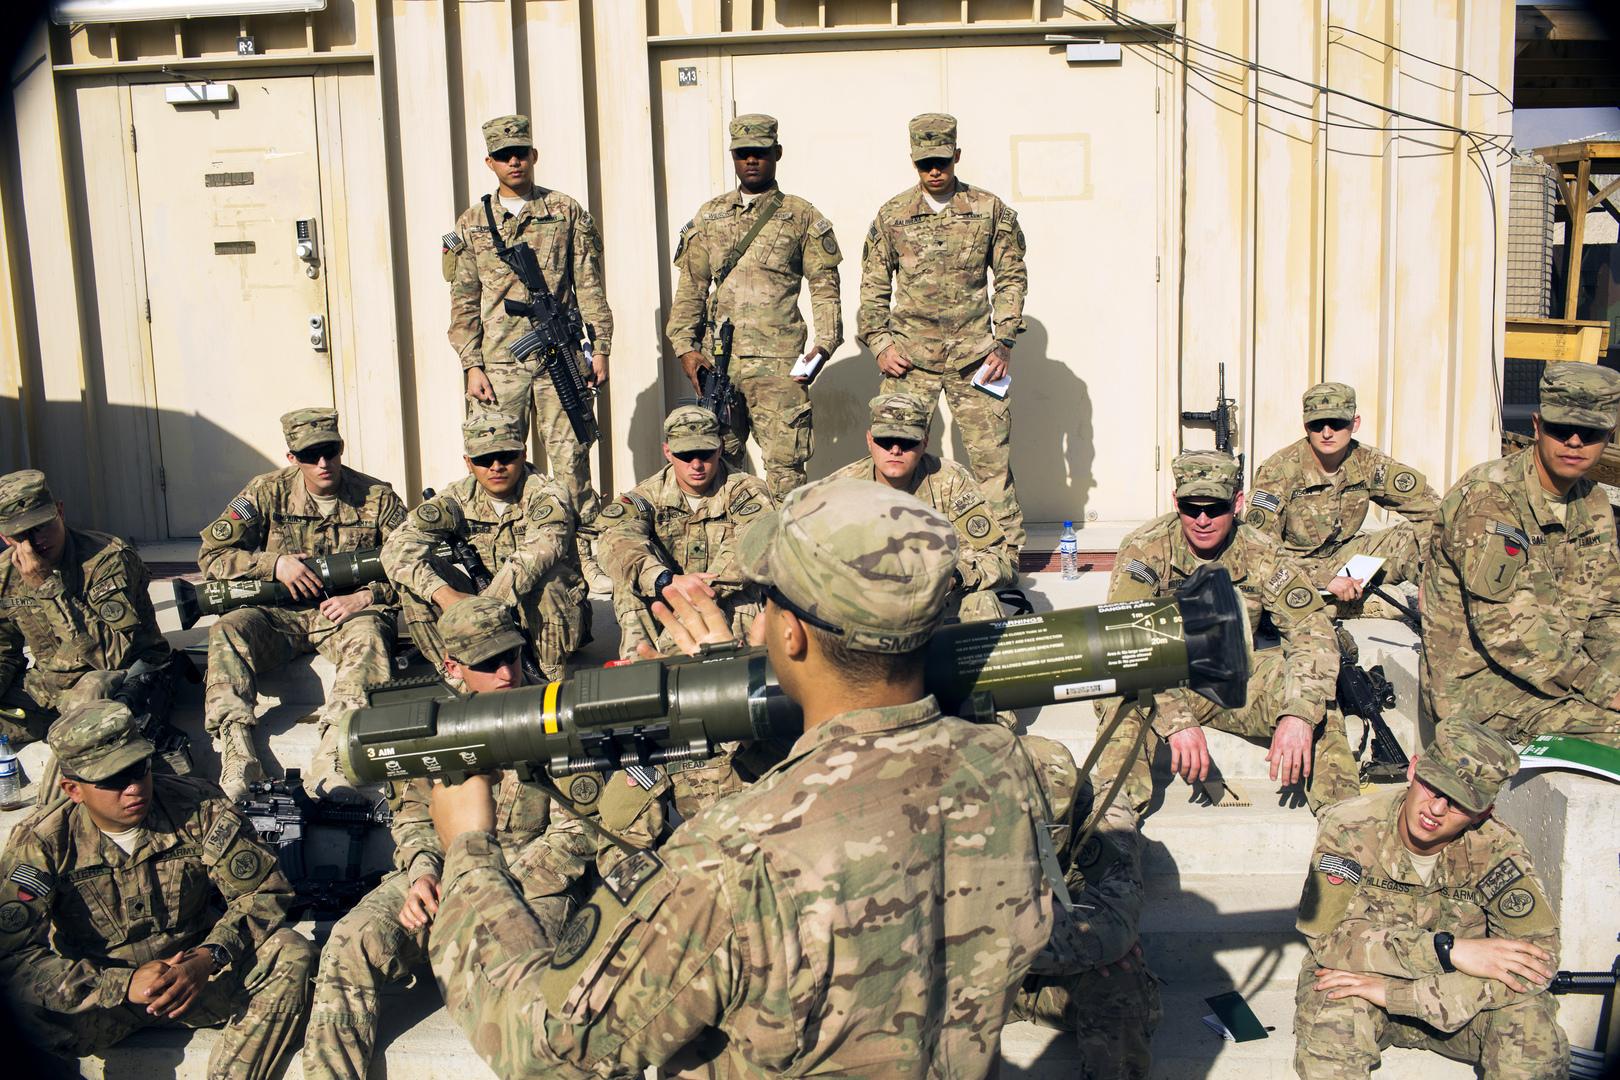 الولايات المتحدة تنسحب من قاعدة كبيرة في قندهار بجنوب أفغانستان